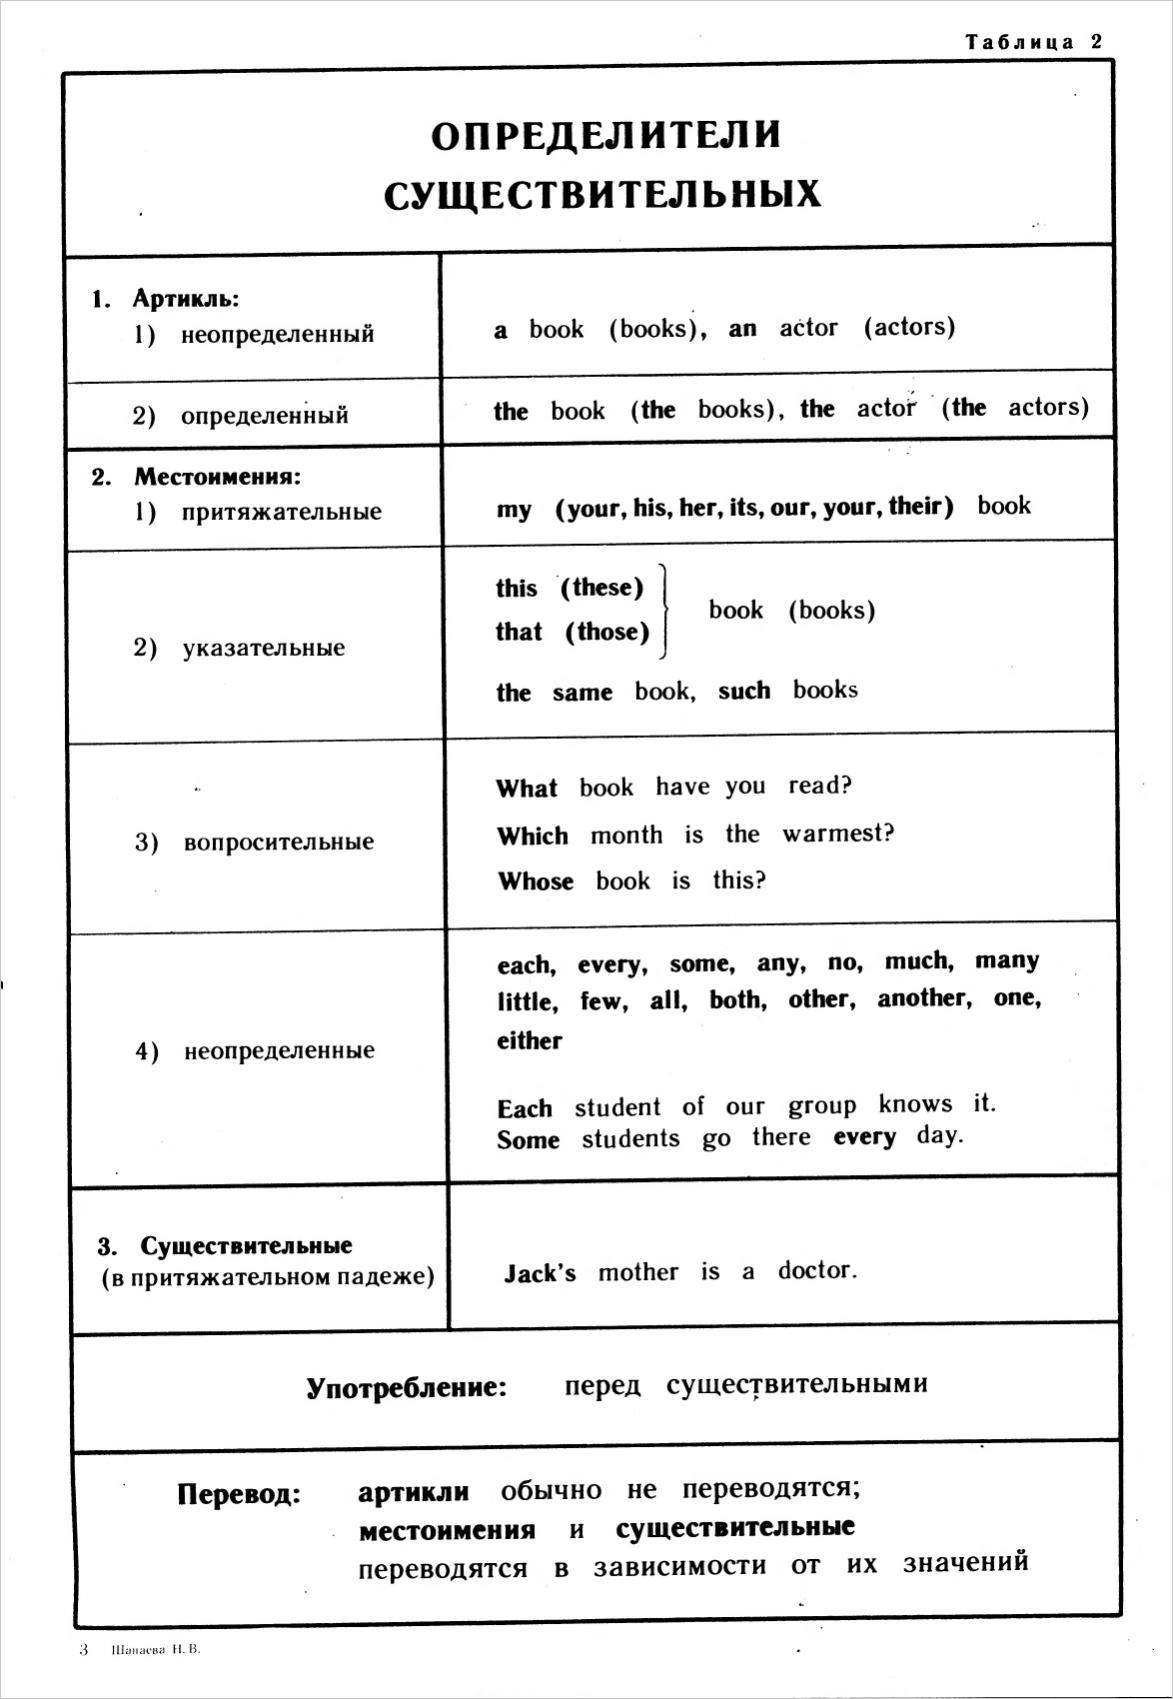 скачать неправильные глаголы с транскрипцией doc